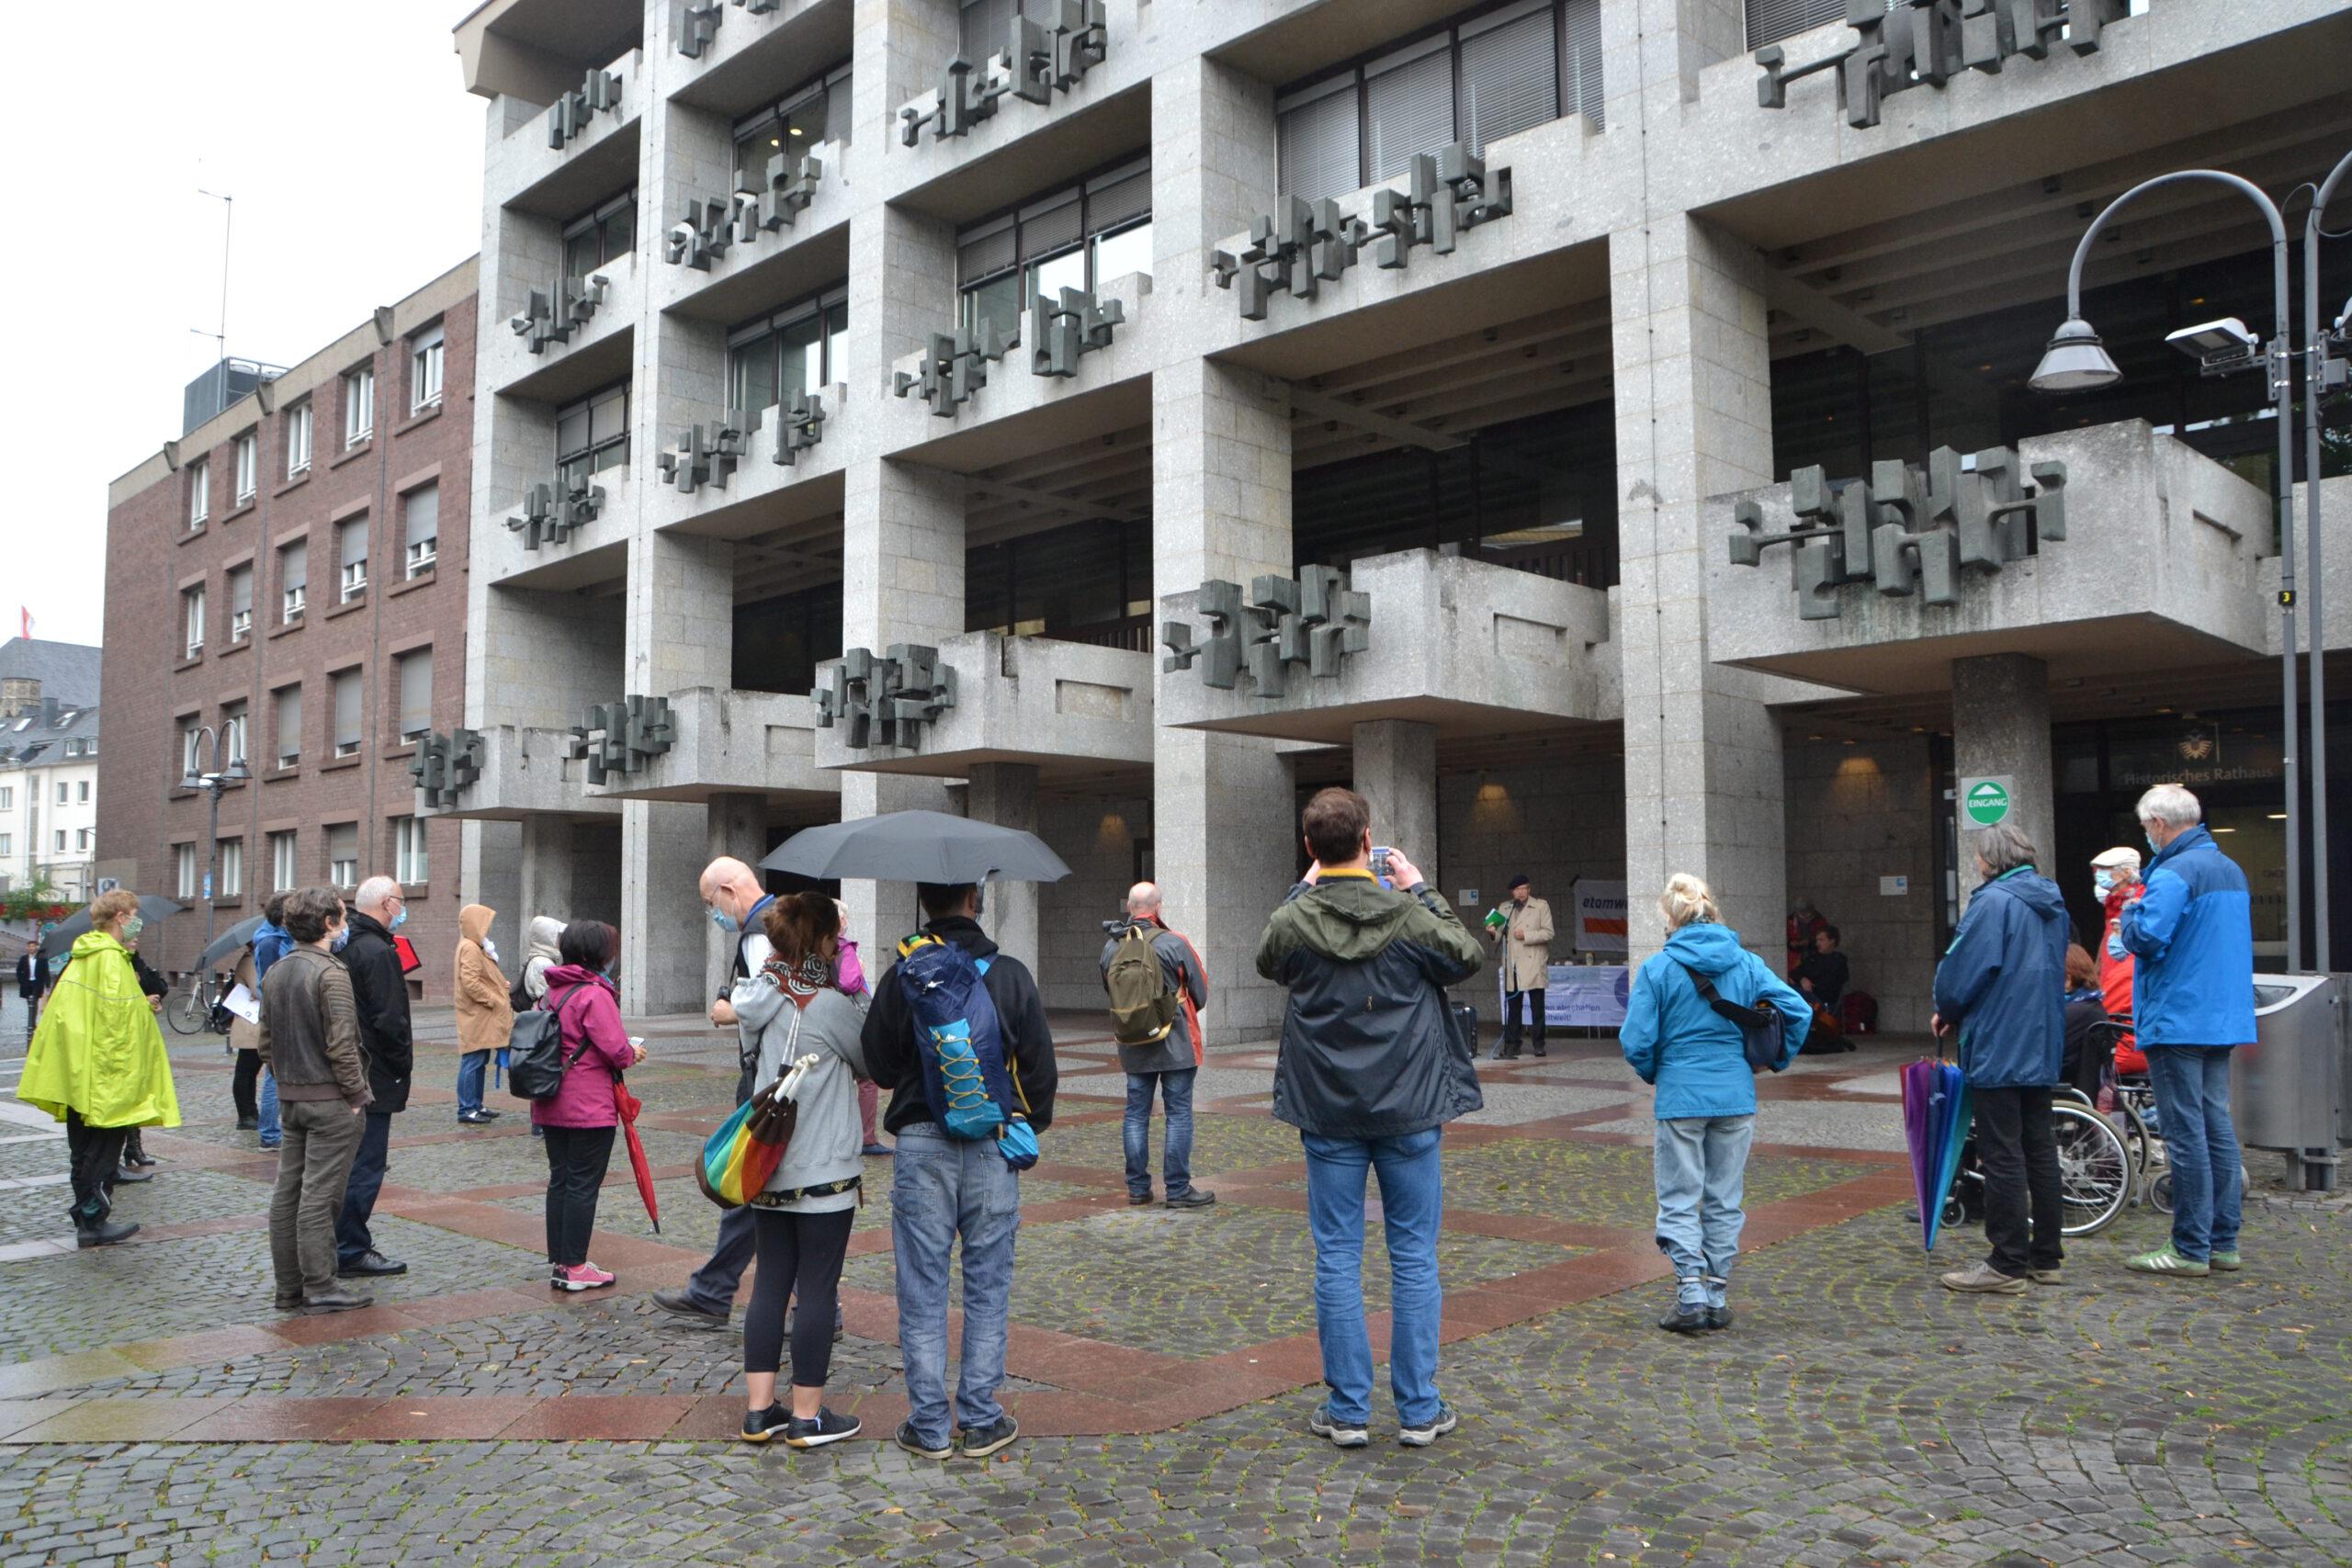 In lockerer Runde stehen etwa zwei Dutzend Leute zum Teil mit geöffneten Regenschirmen um einen Redner herum, der unter dem Fassadenvorsprung eines modernen Betongebäudes steht.